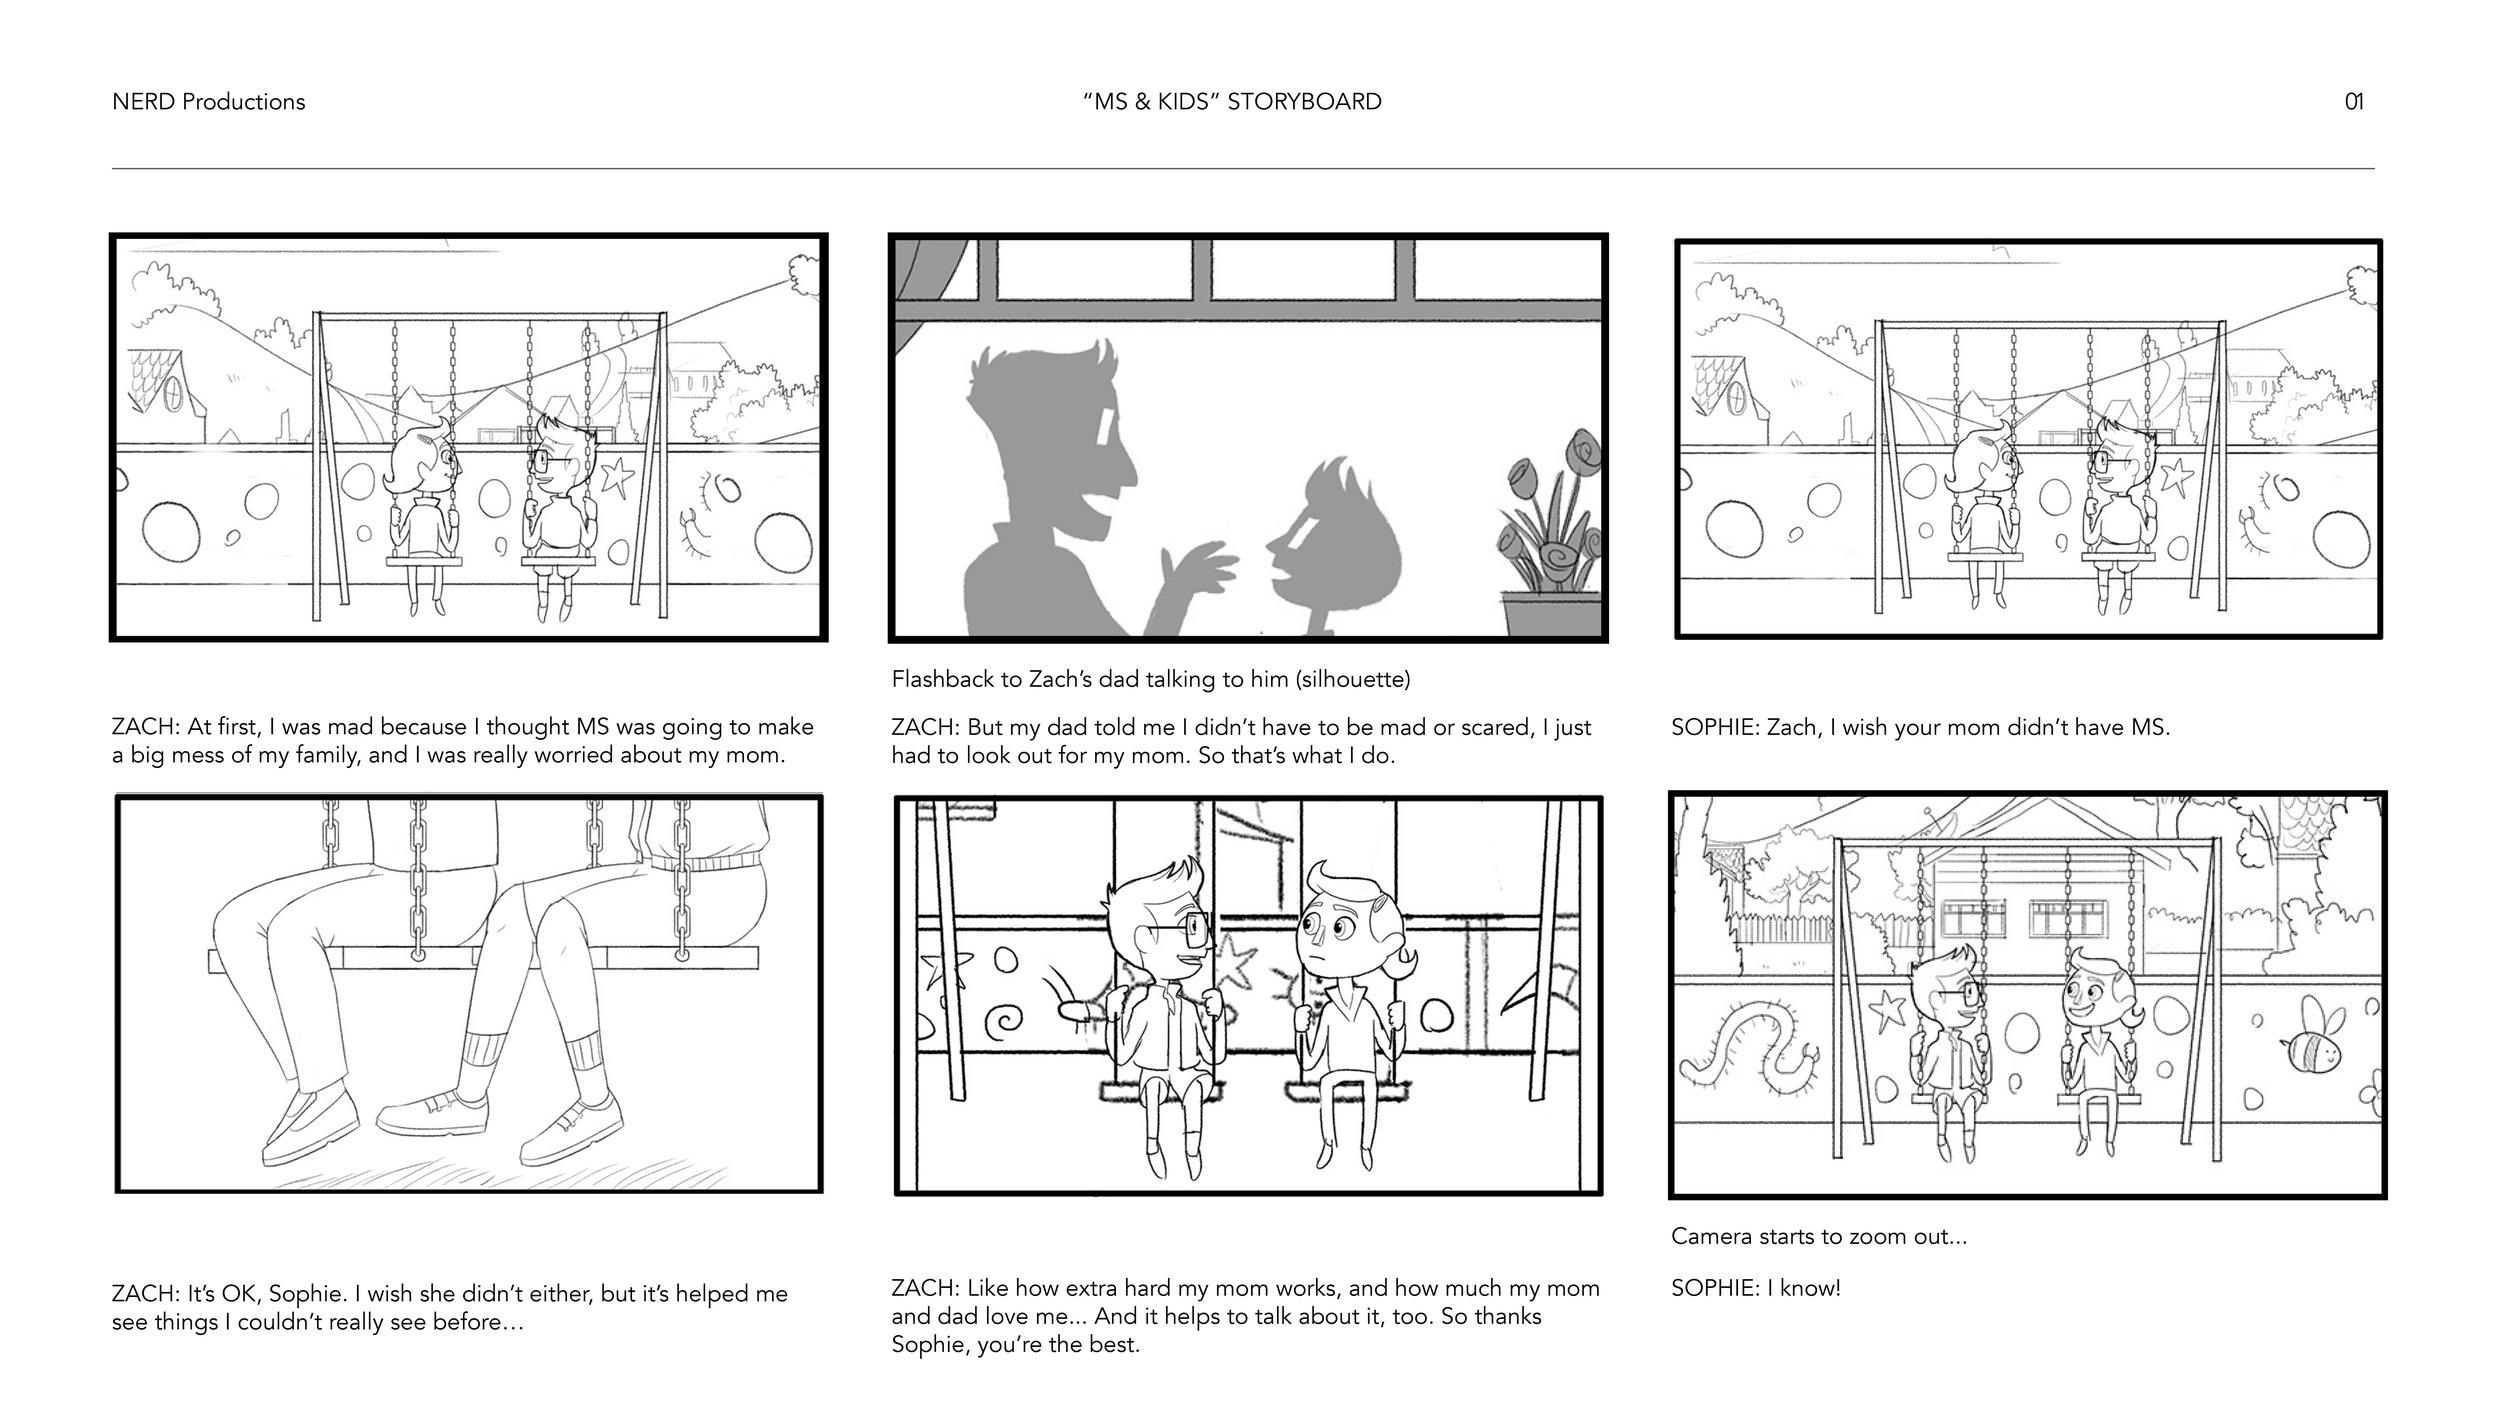 MS_KIDS_Storyboard-10.jpg